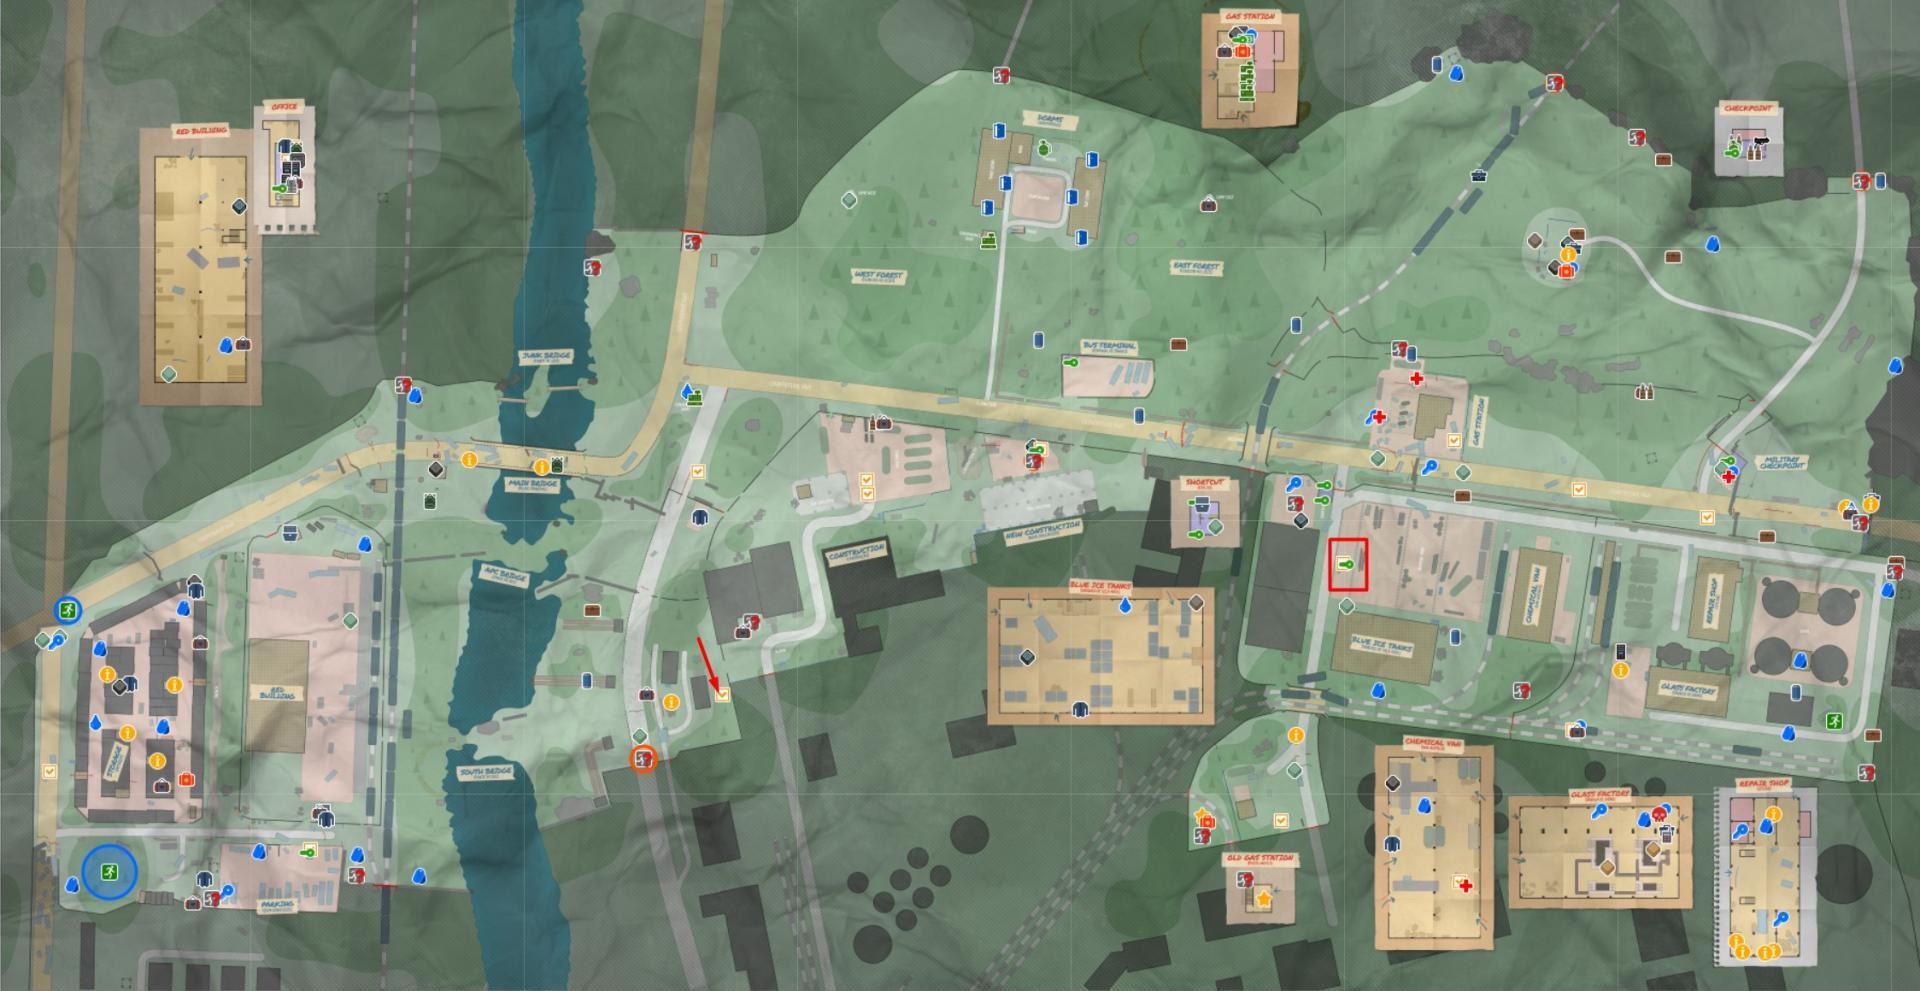 Carte des douanes s'échappe de Tarkov